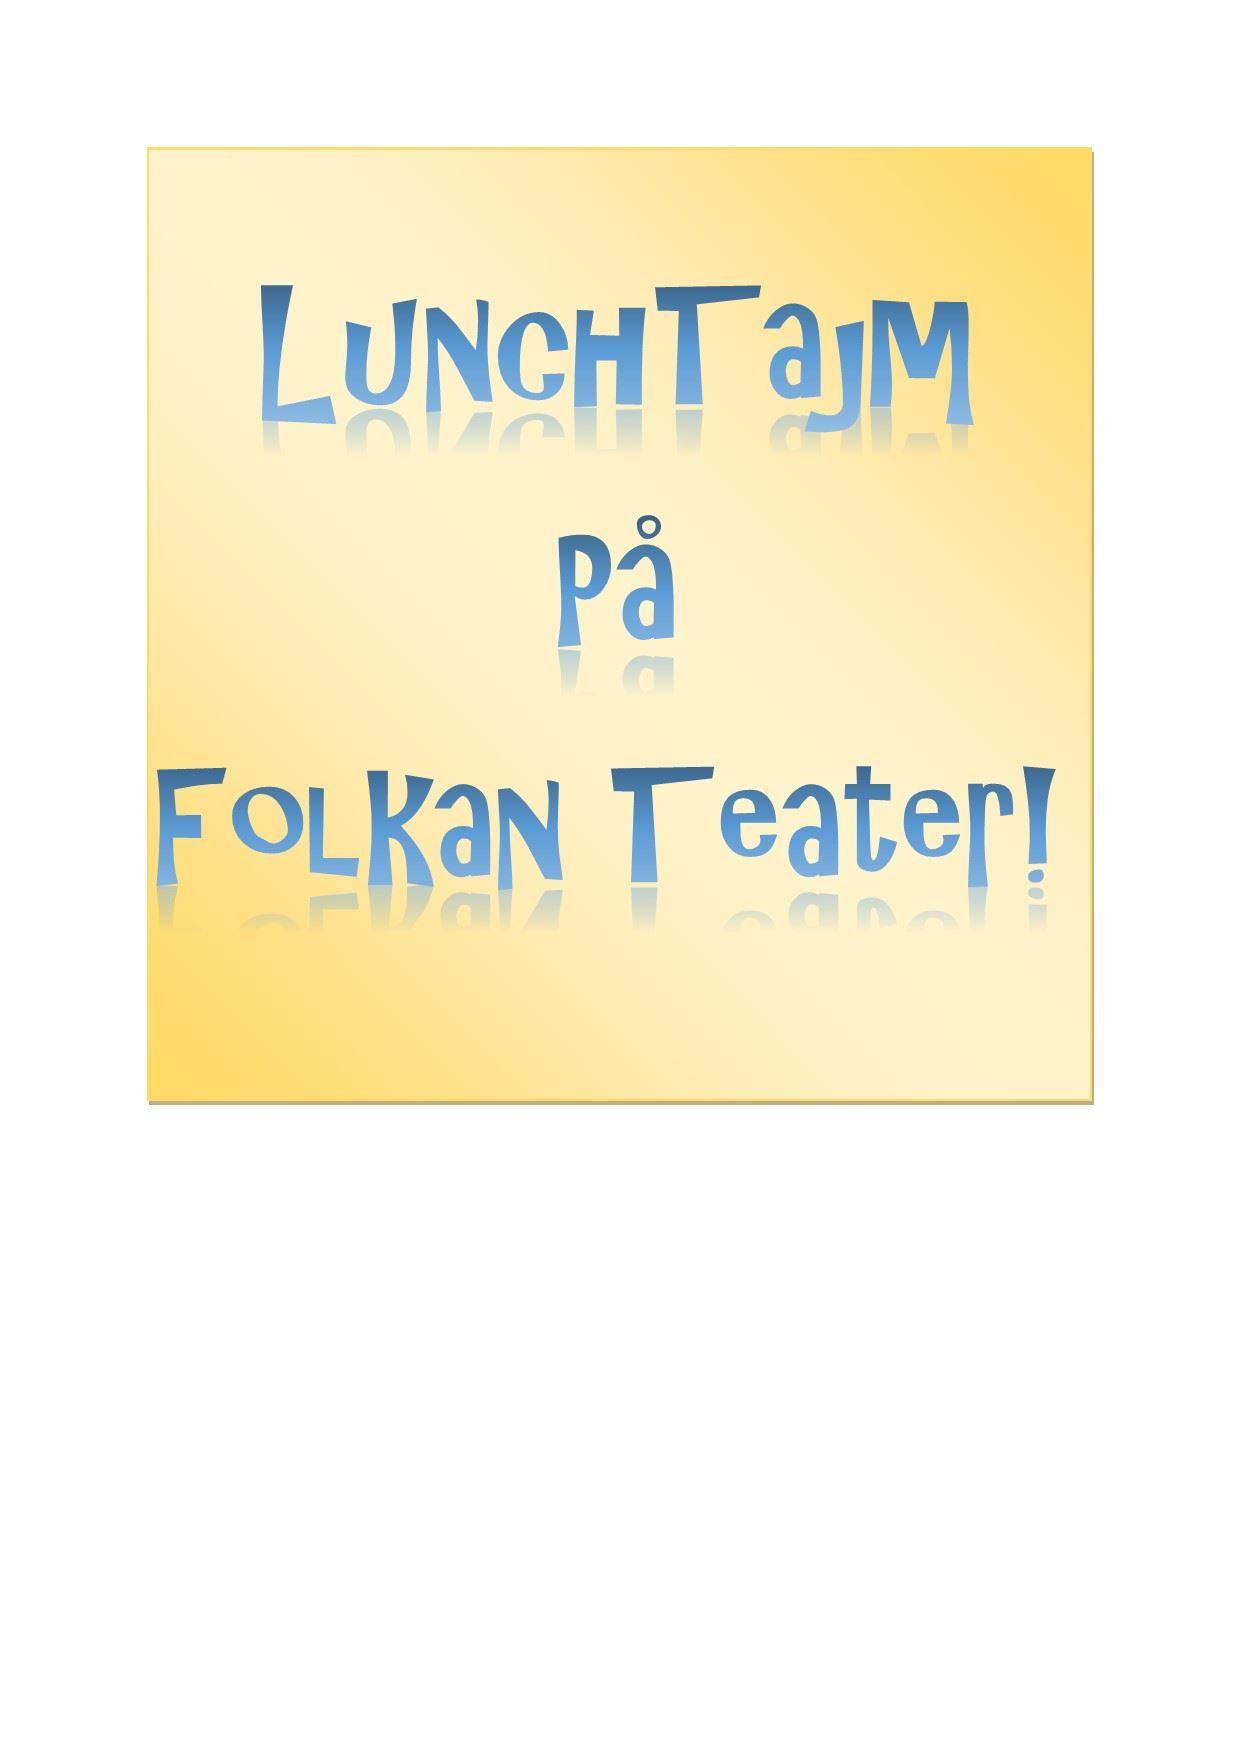 LunchTajm på Folkan Teater